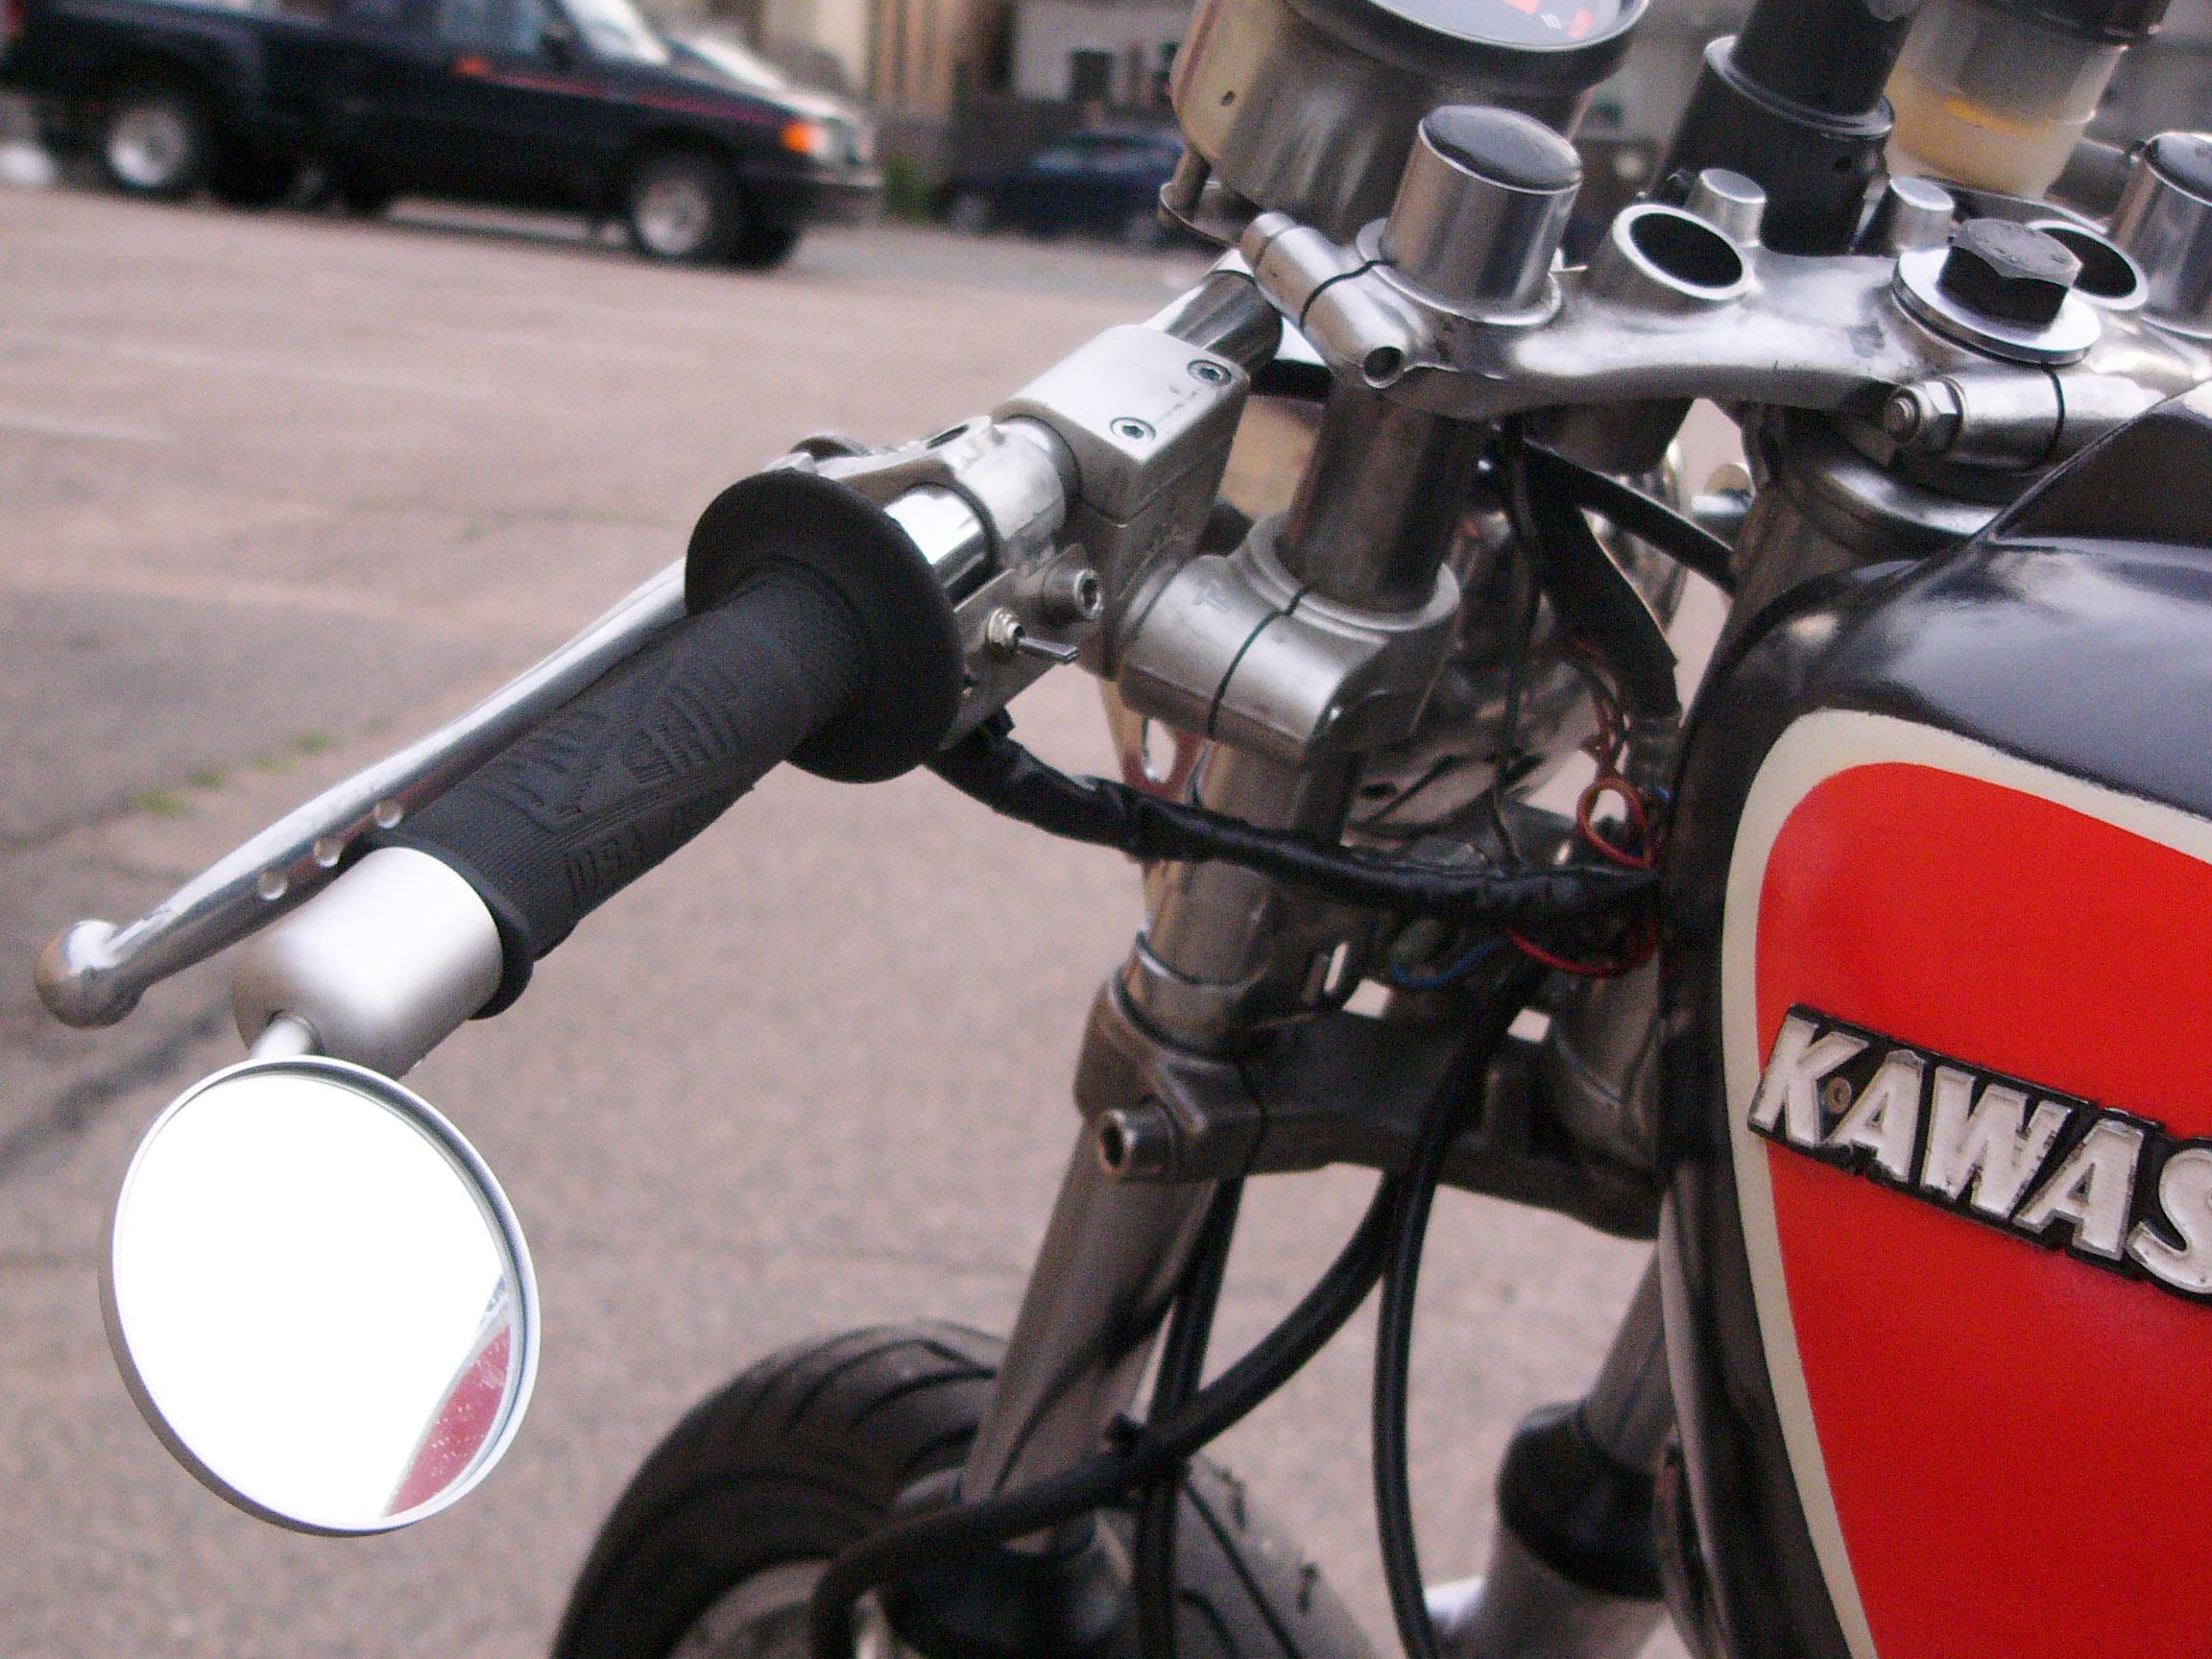 KZ400 - ebay pics 7-8-10 (26 of 47)